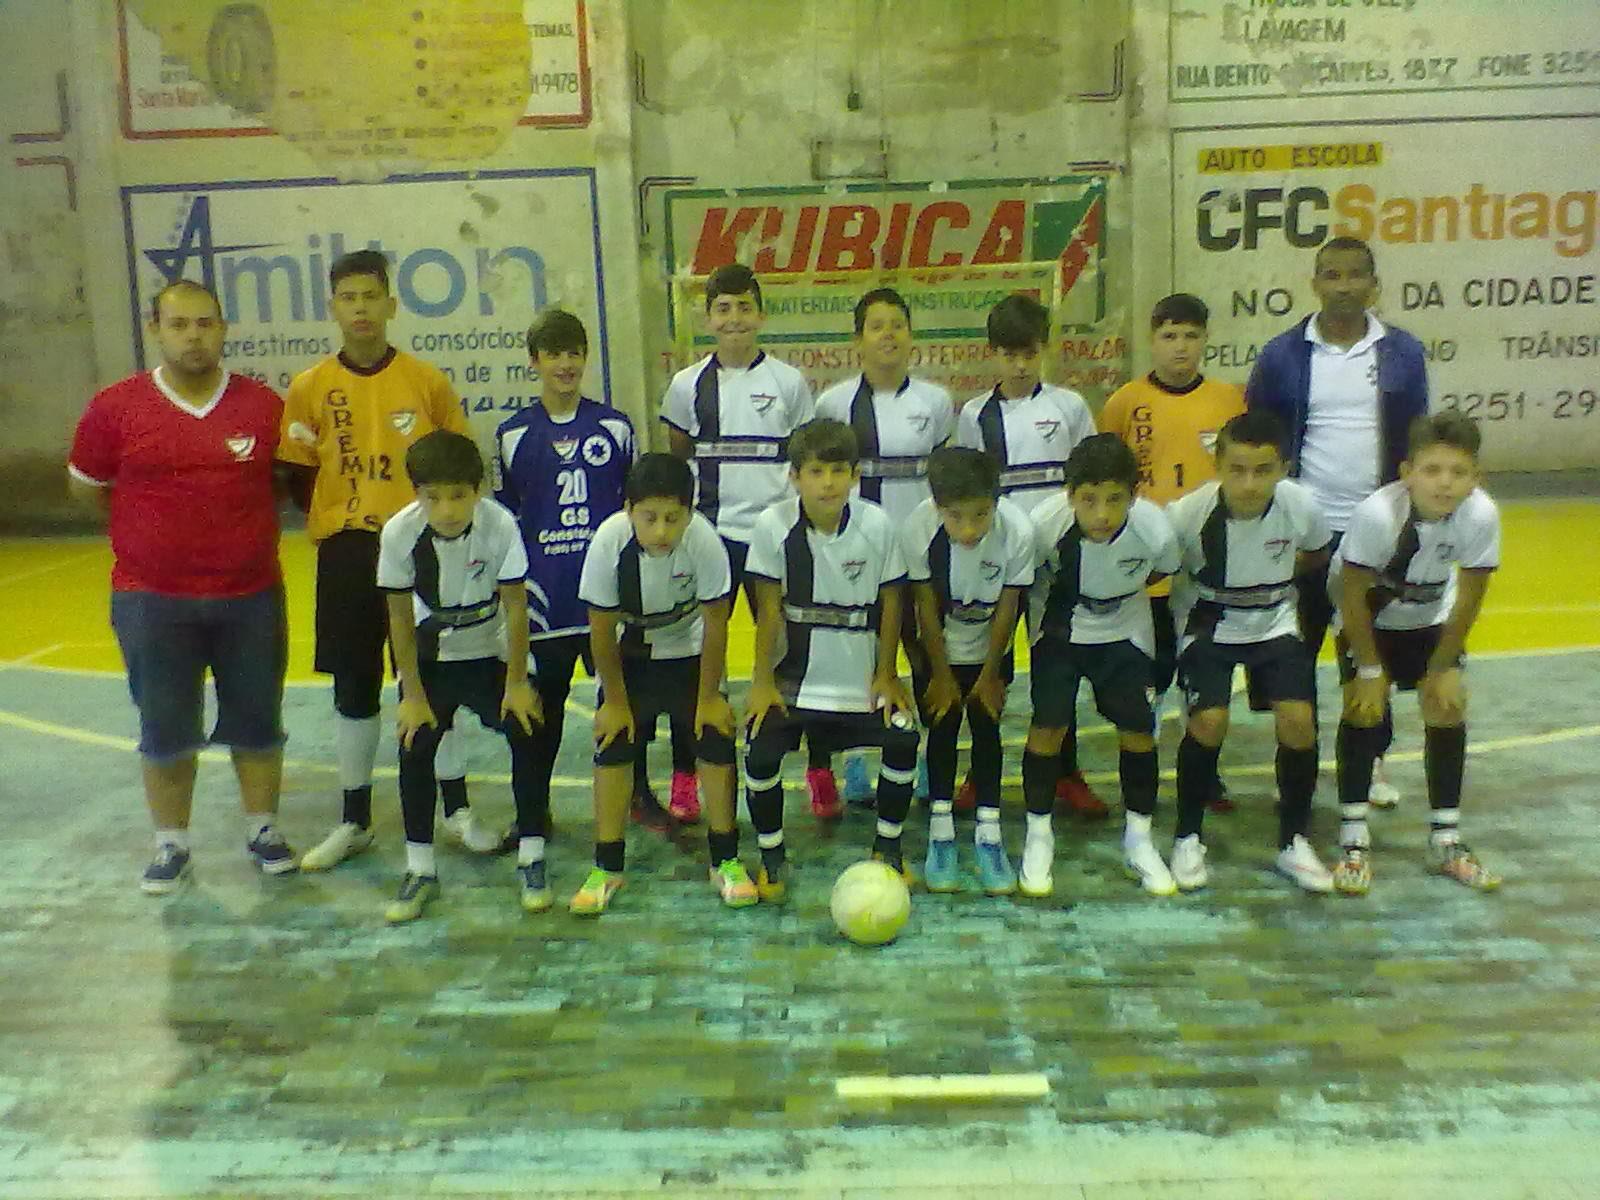 Equipes do Grêmio Espe e da AFIC - Página da Equipe do Grêmio Espe ... dbe5472c32421